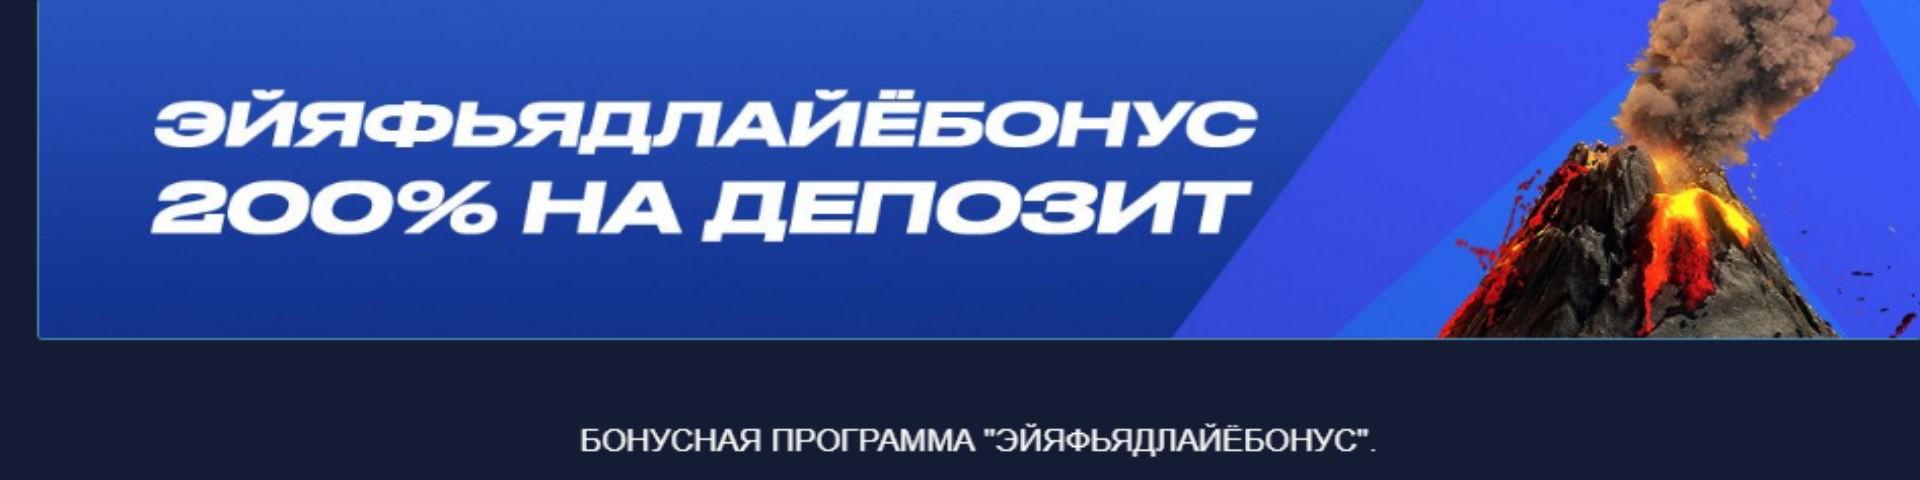 БК «Вулканбет»: 10 000 рублей за регистрацию и депозит